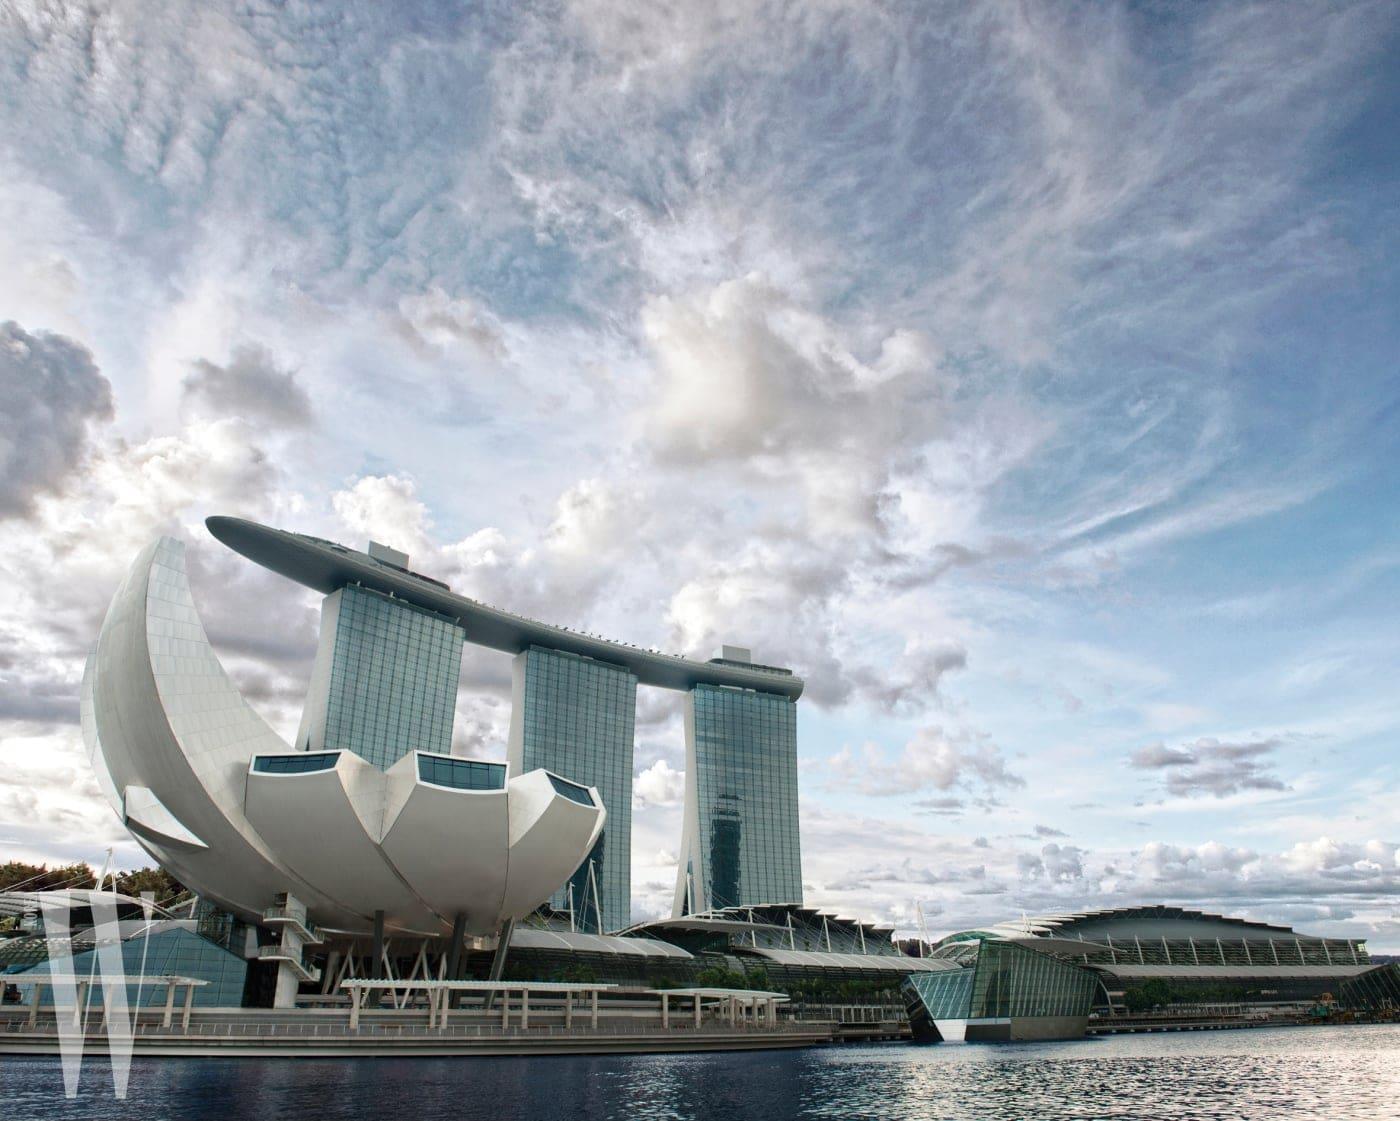 전시가 열린 싱가포르의 아트 사이언스 뮤지엄.